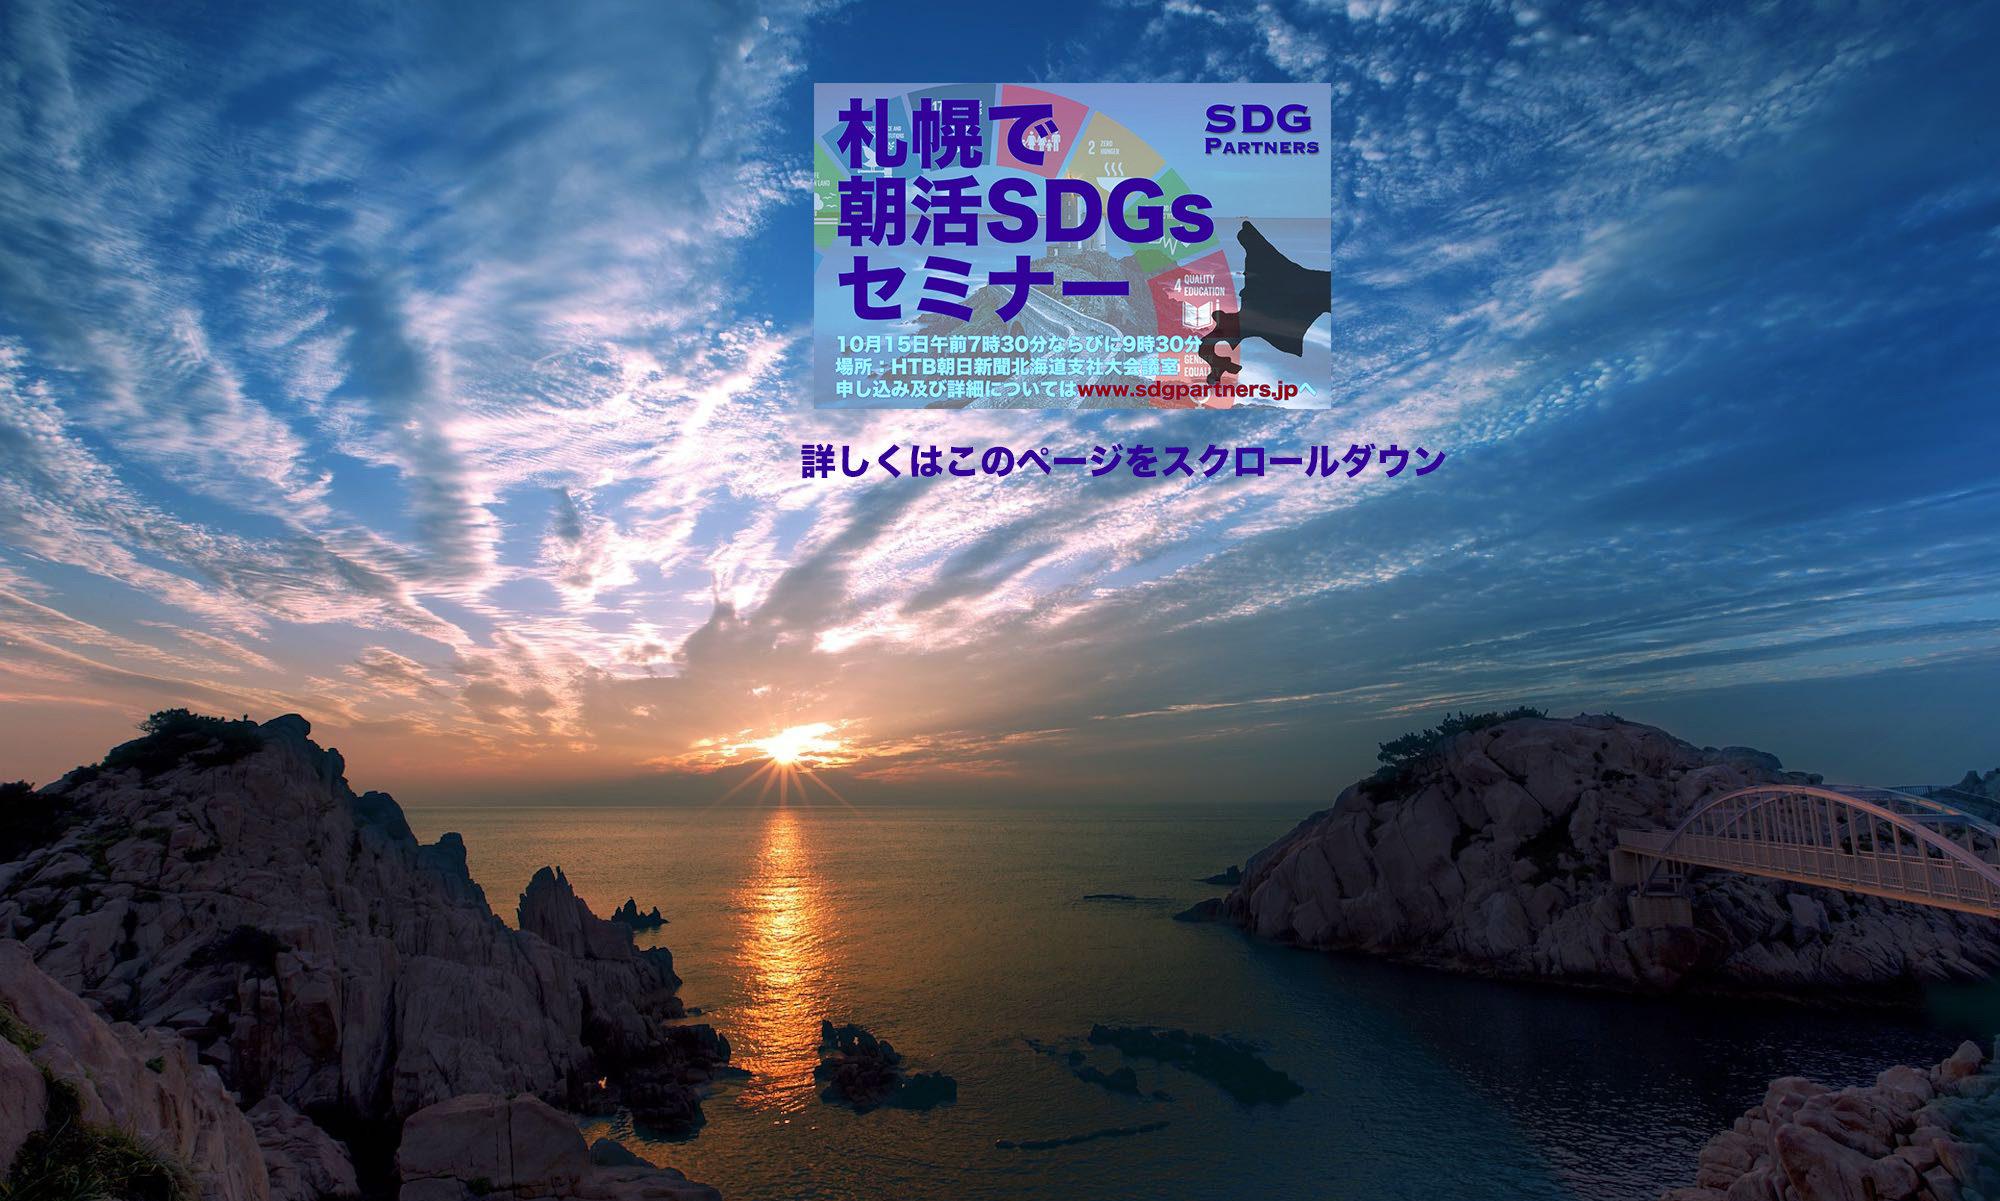 SDG Partners